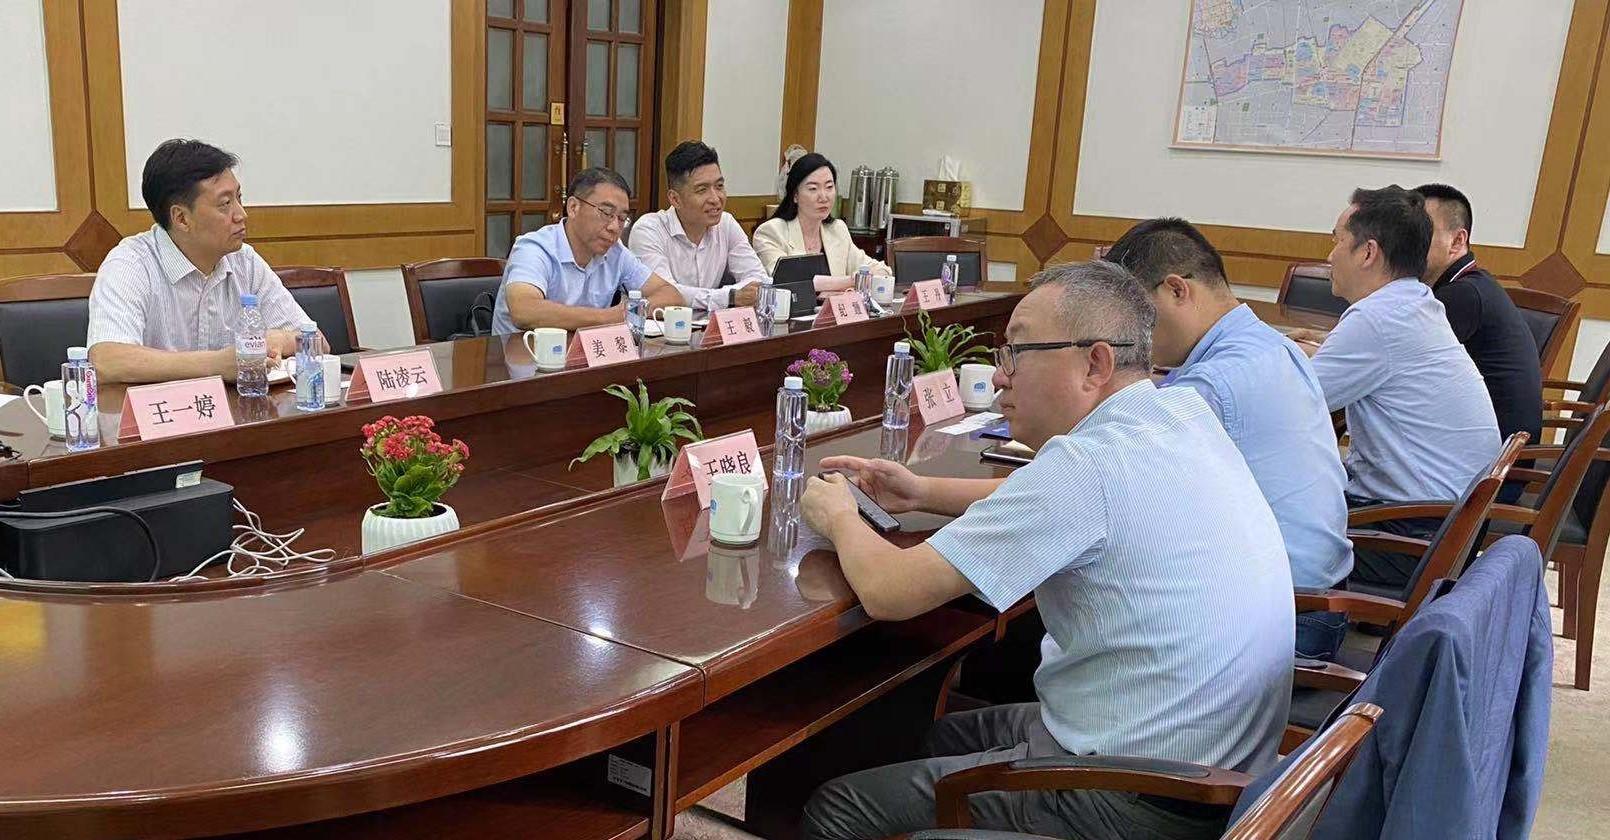 走近宝山   普菲特到访上海市宝山区高境经济开发区考察交流